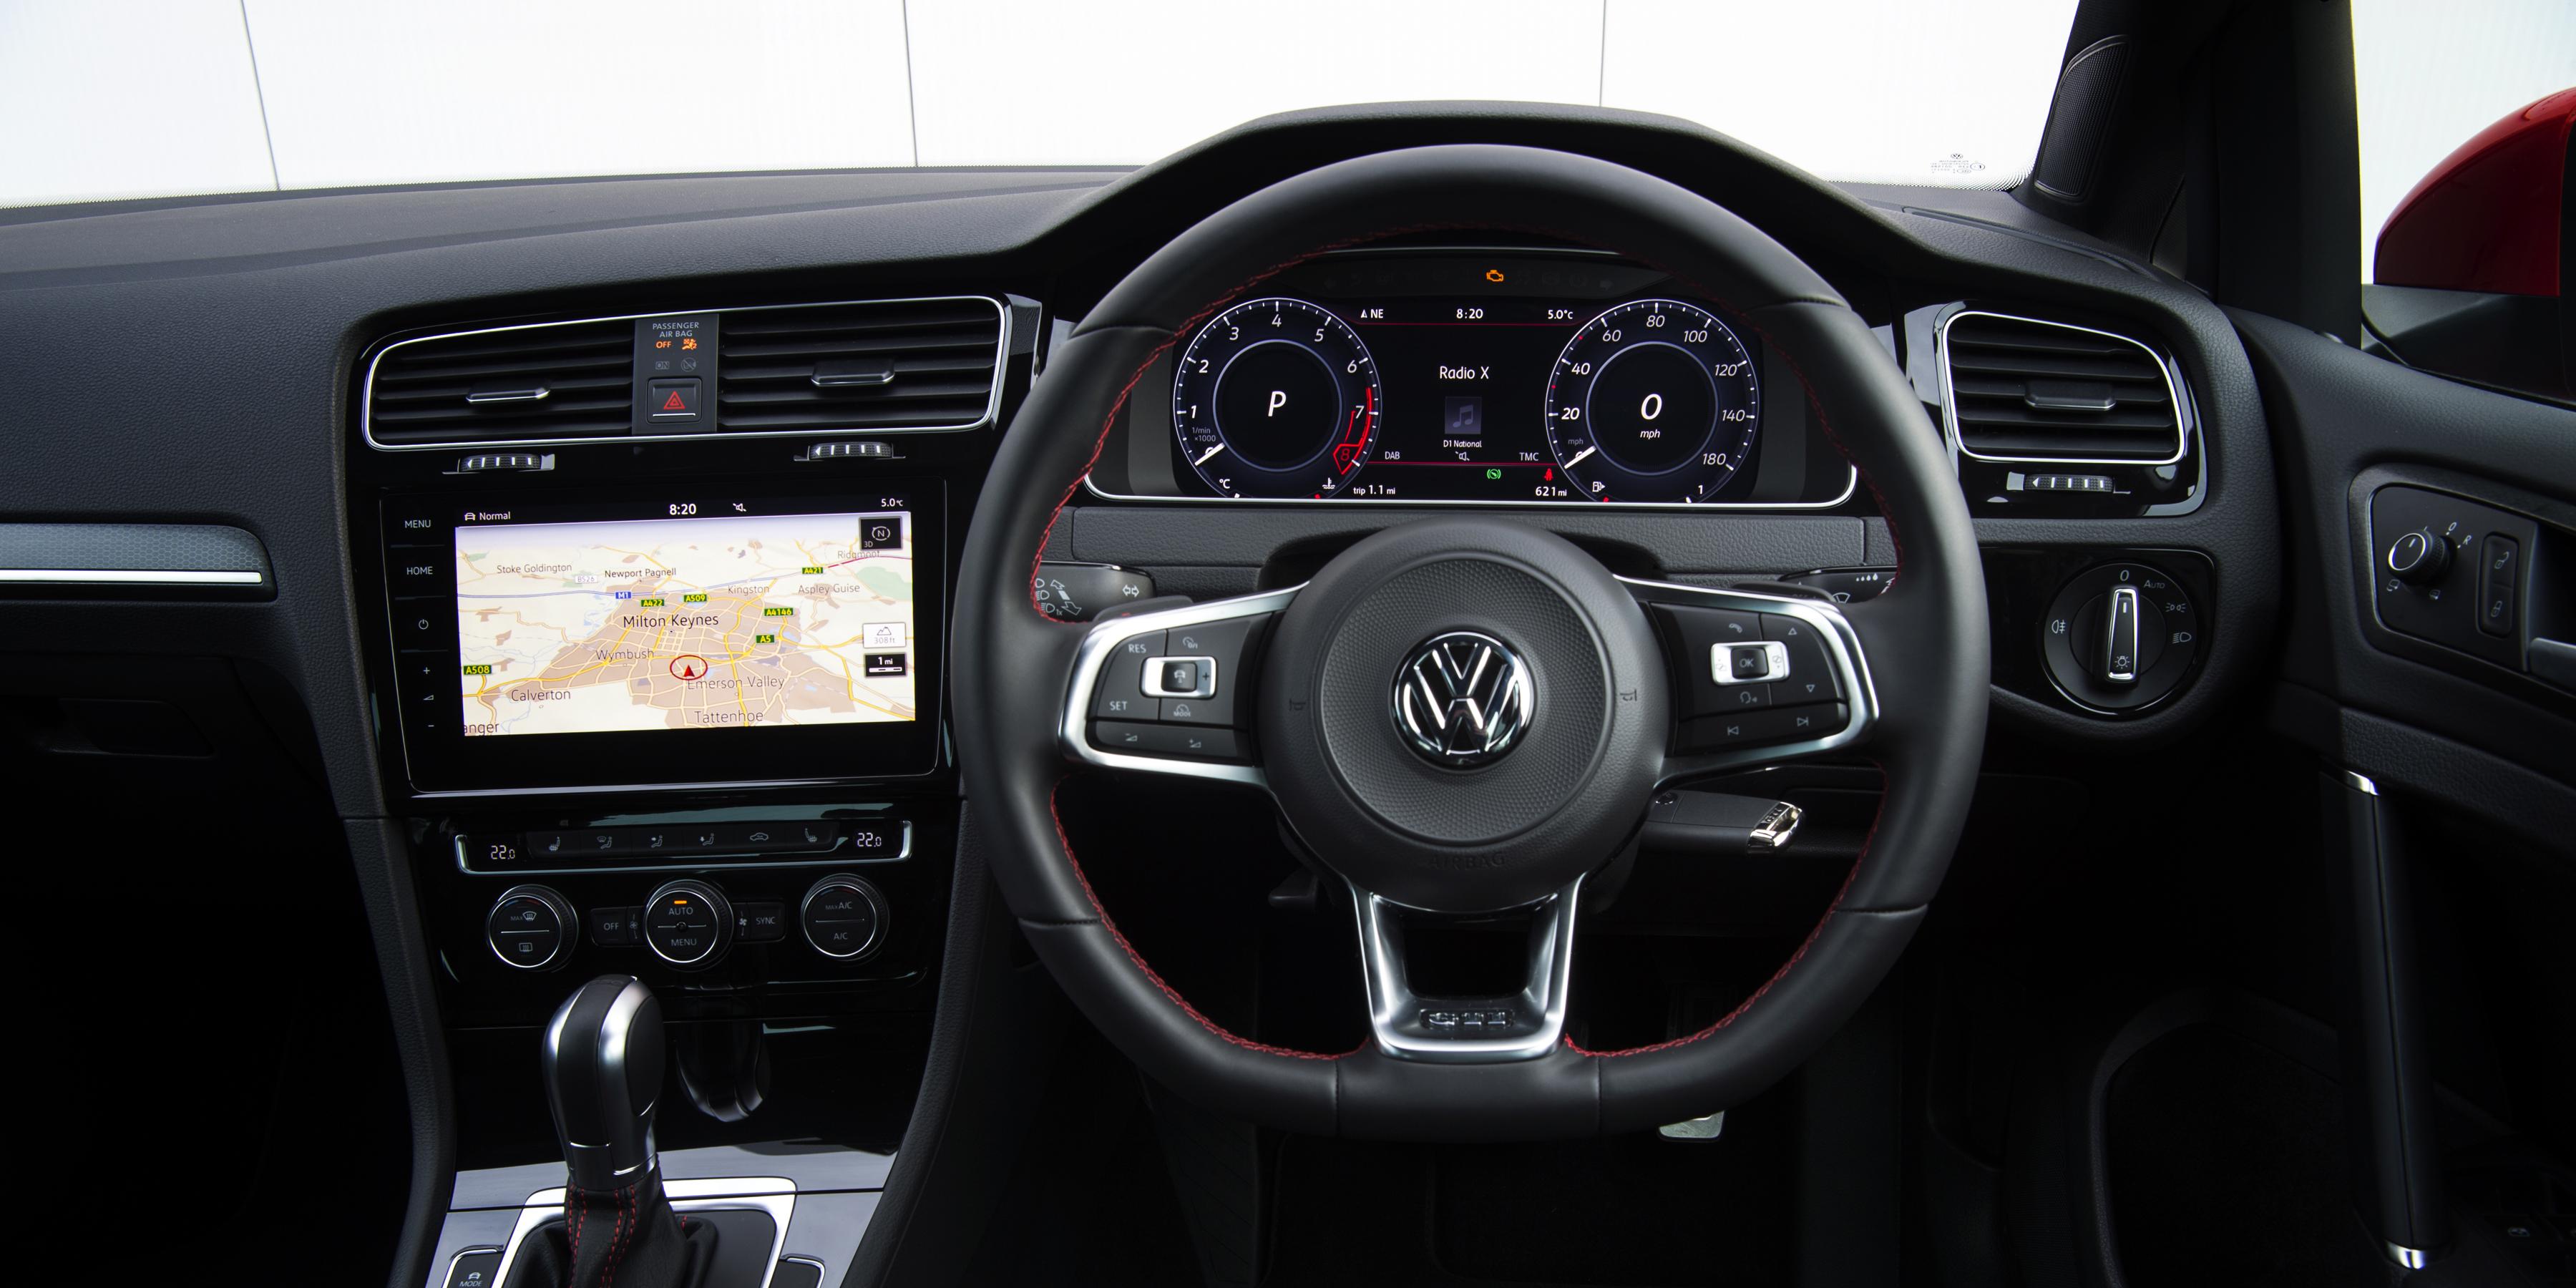 Volkswagen Golf Gti 2013 2020 Interior Infotainment Carwow